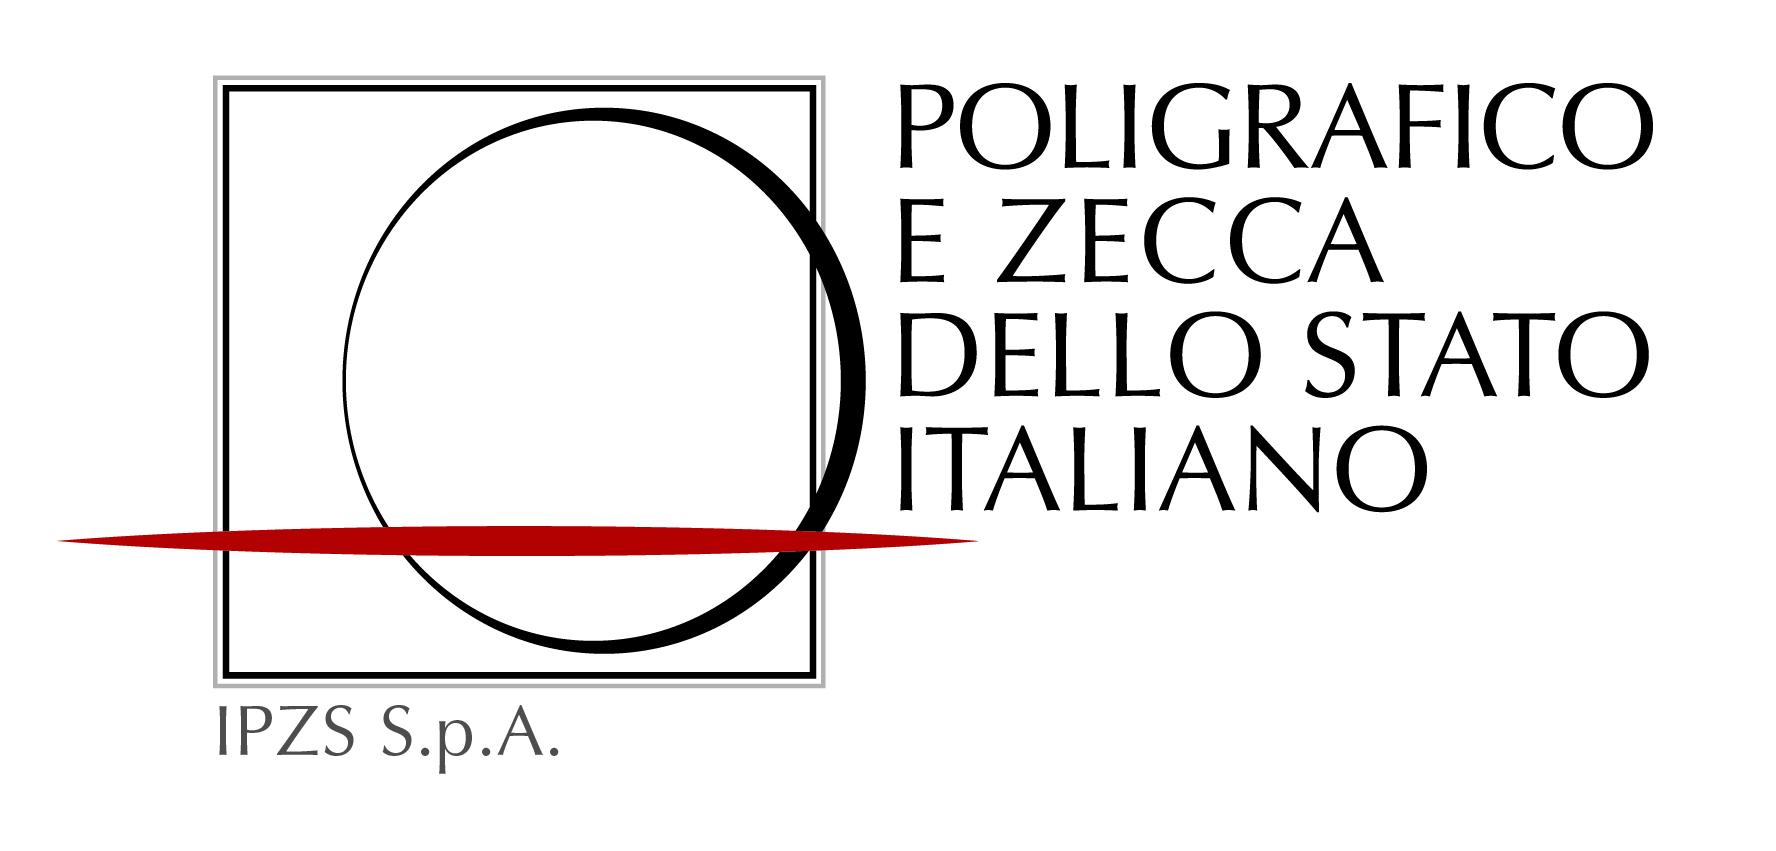 ISTITUTO POLIGRAFICO E ZECCA DELLO STATO